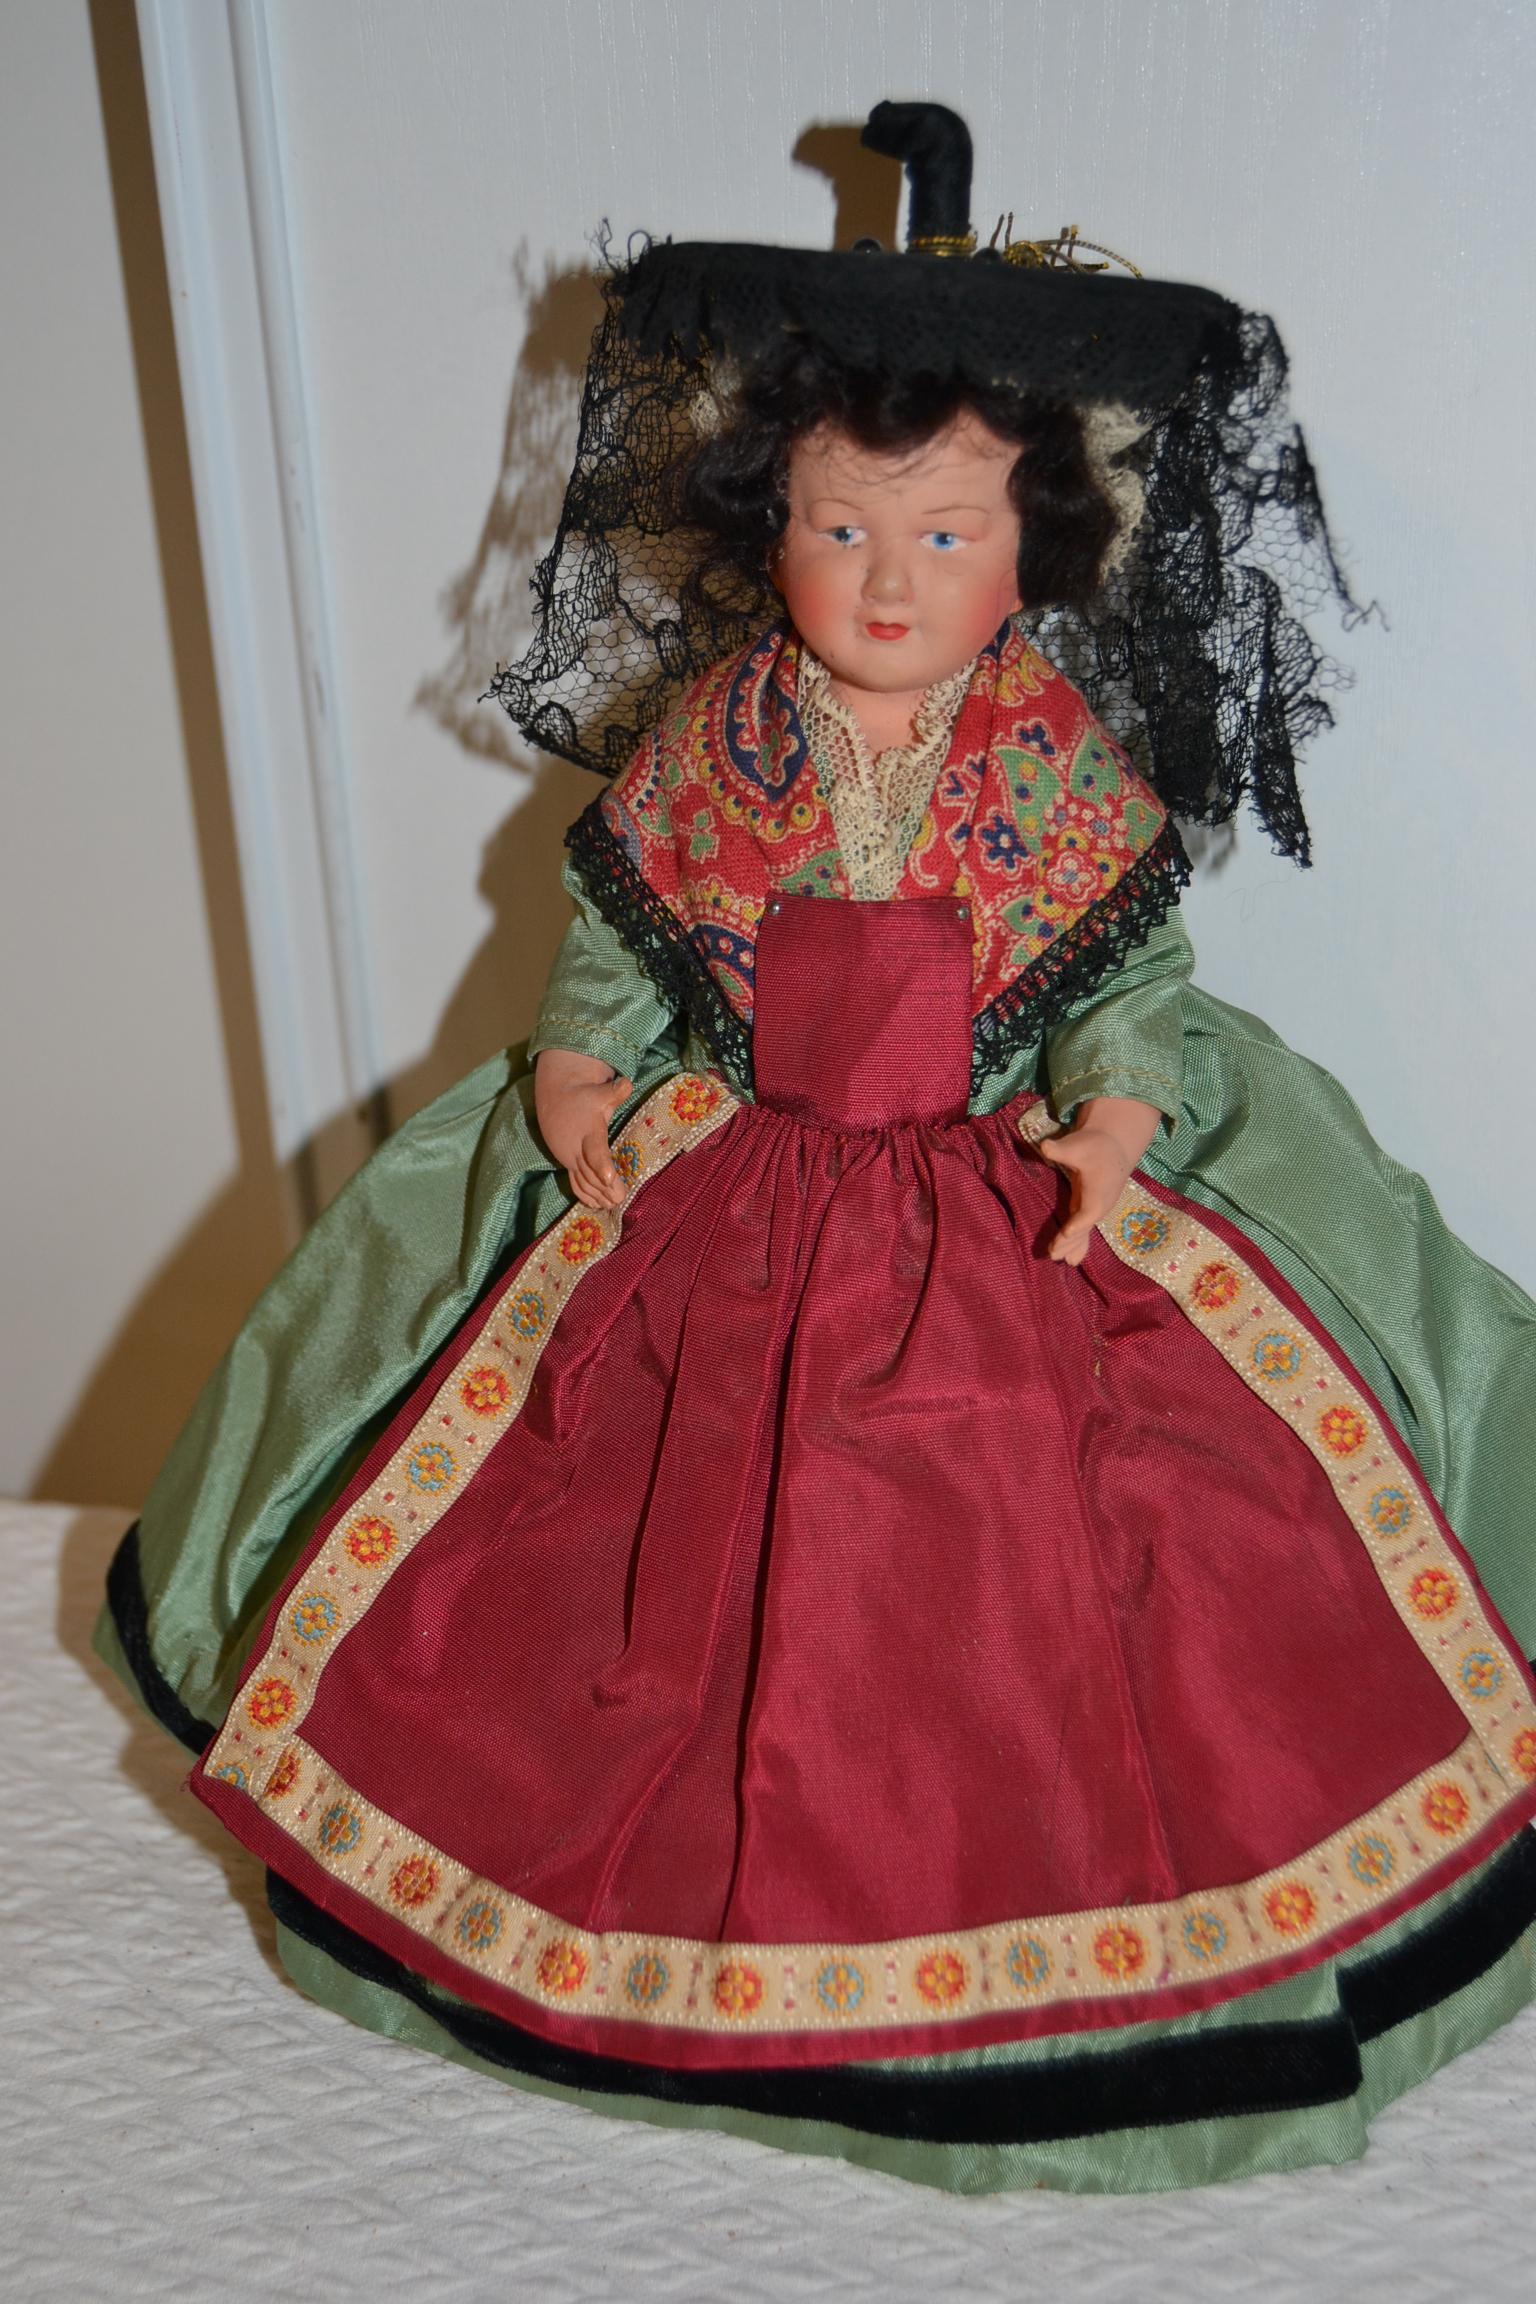 French souvenir doll